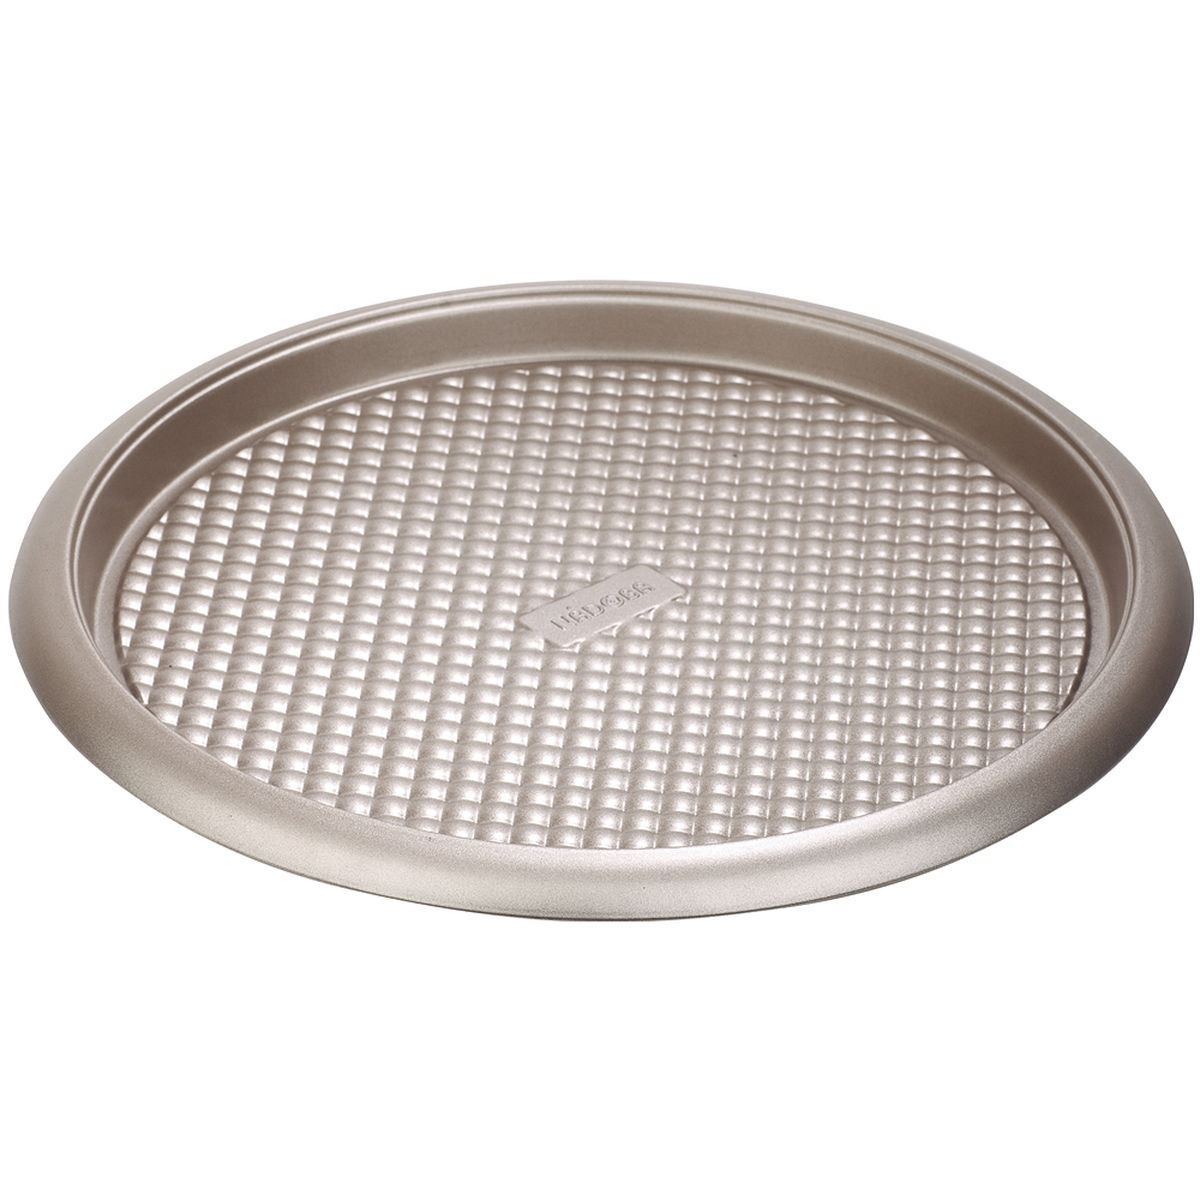 Форма для выпечки Nadoba Rada, с антипригарным покрытием, диаметр 34 см761018Форма Nadoba Rada изготовлена извысококачественной углеродистой стали сантипригарным покрытием Quantum и рельефным дном,что обеспечивает равномерное распределение тепла ипредотвращение прилипания к стенкам посуды. Форма Nadoba Rada идеально подходит для выпечки пирогов и пиццы.Подходит для использования в духовом шкафу.Рабочая температура: до +230°С. Диаметр формы: 34 см. Высота формы: 2,5 см.